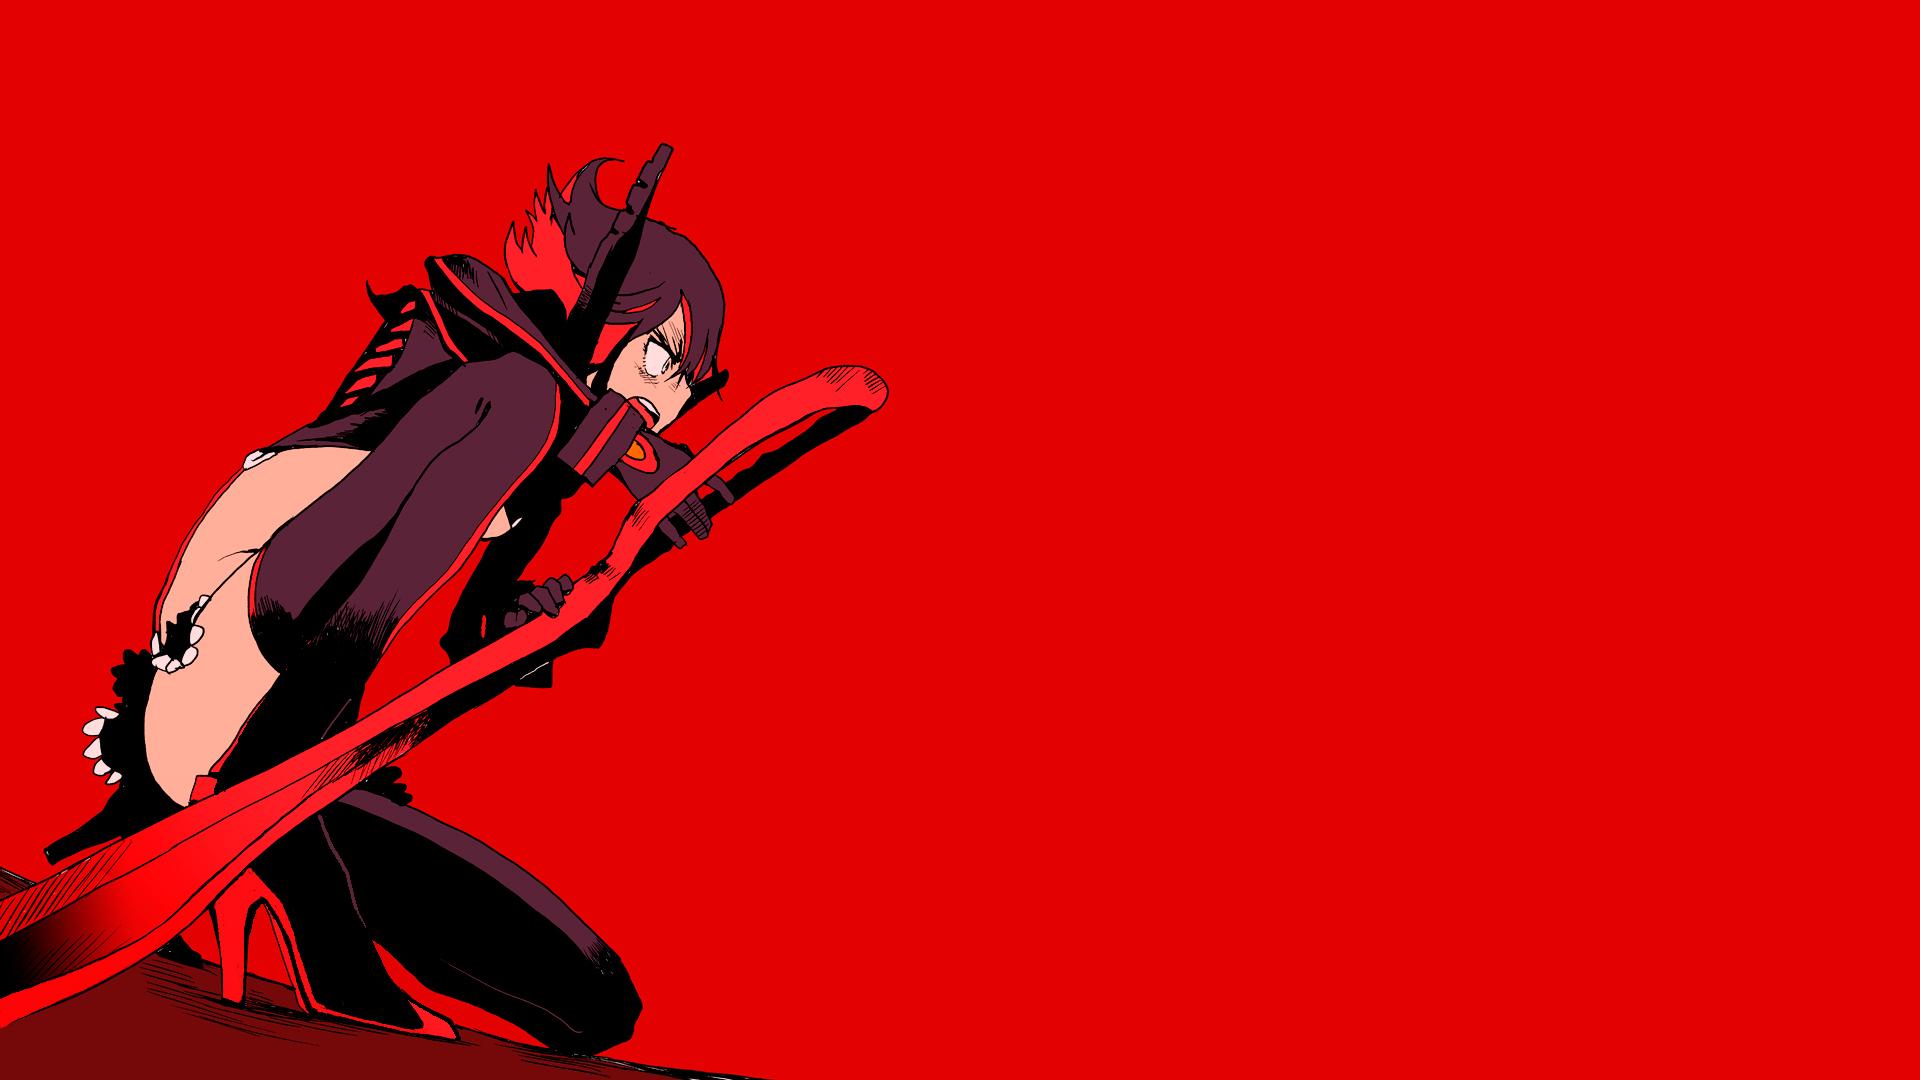 Kill La Kill Full HD Wallpaper and Background Image 1920x1080 ID:562949